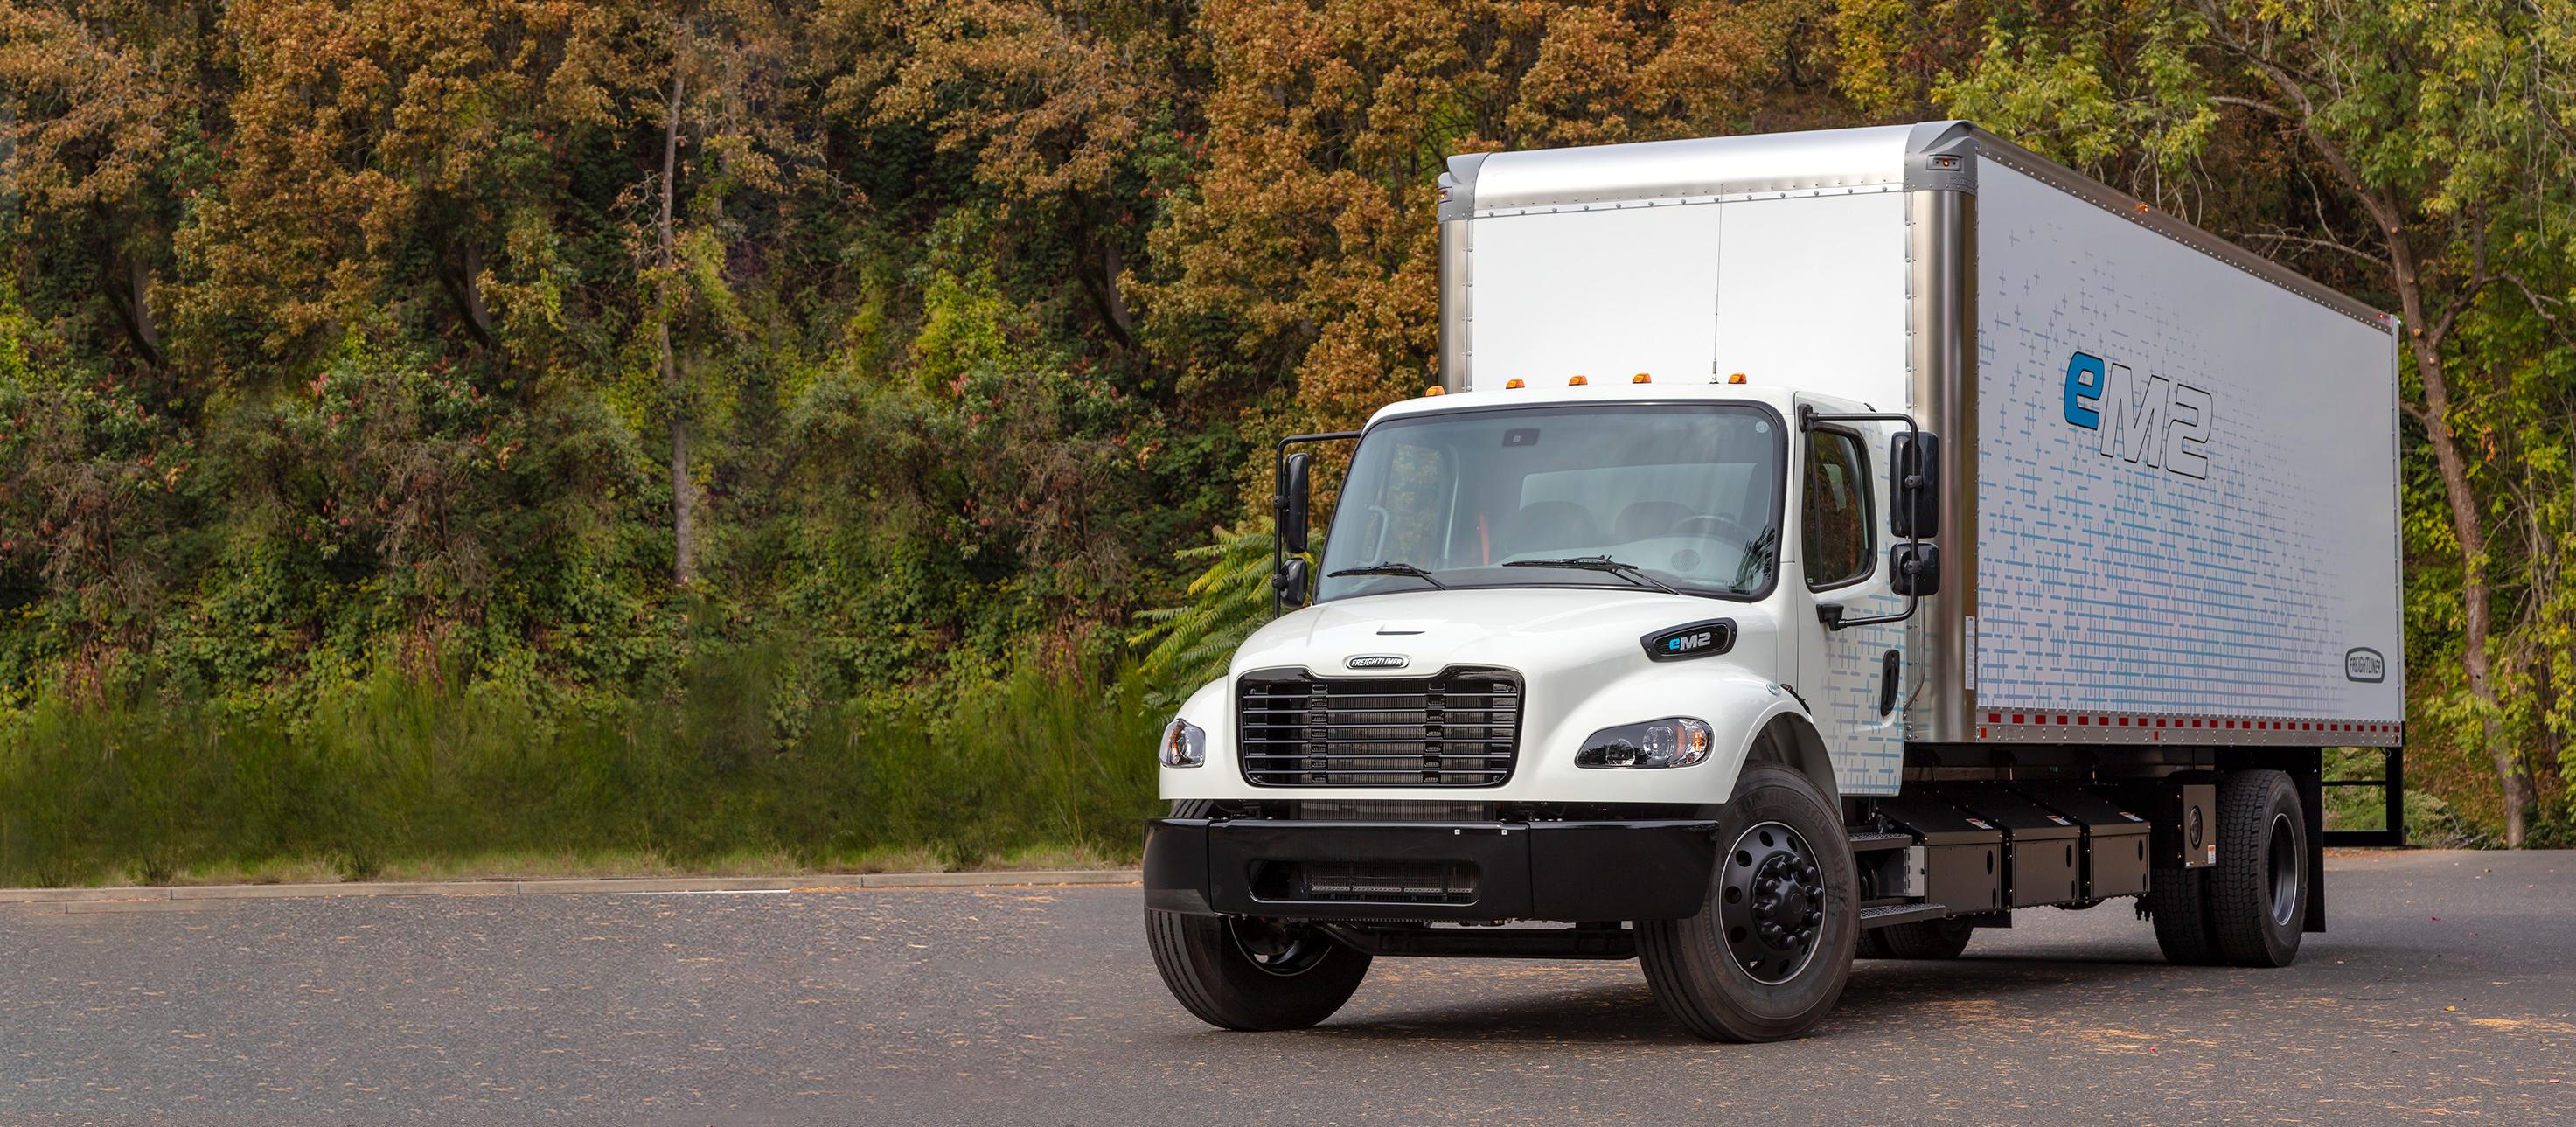 em2-box-truck_crop.png